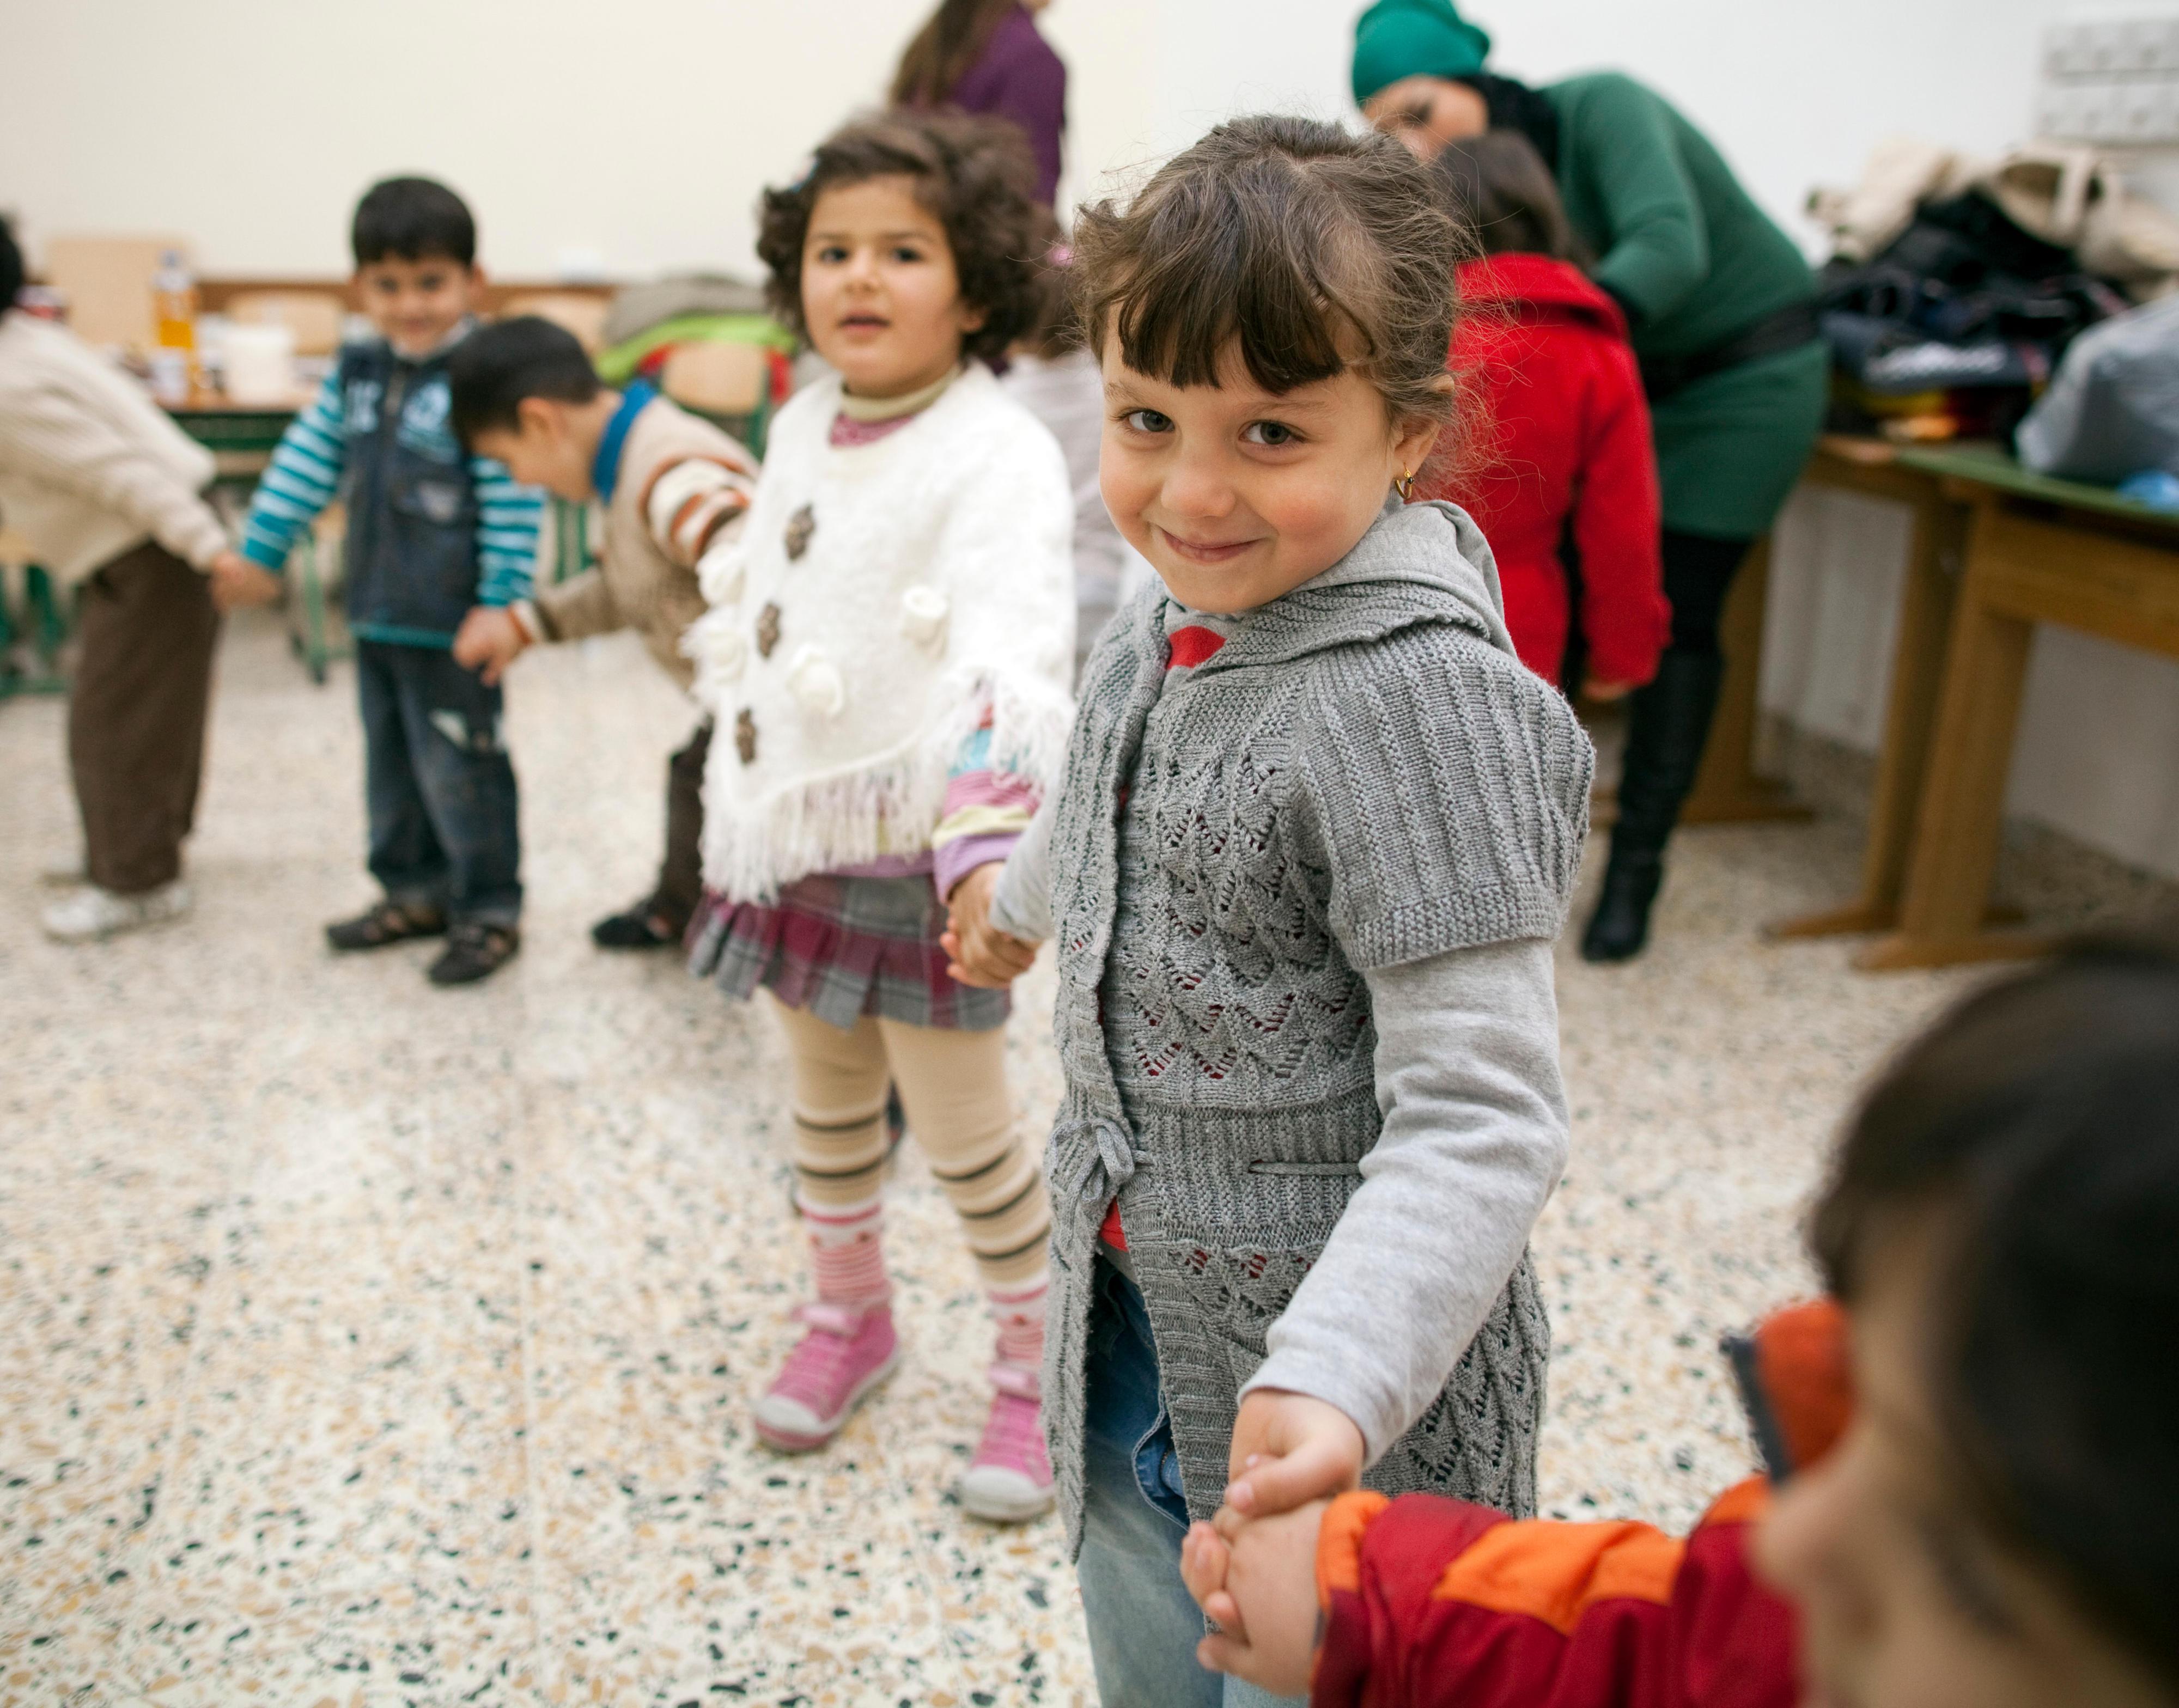 Kinder in der Vorschule der deutschen Schule in Erbil, Irak